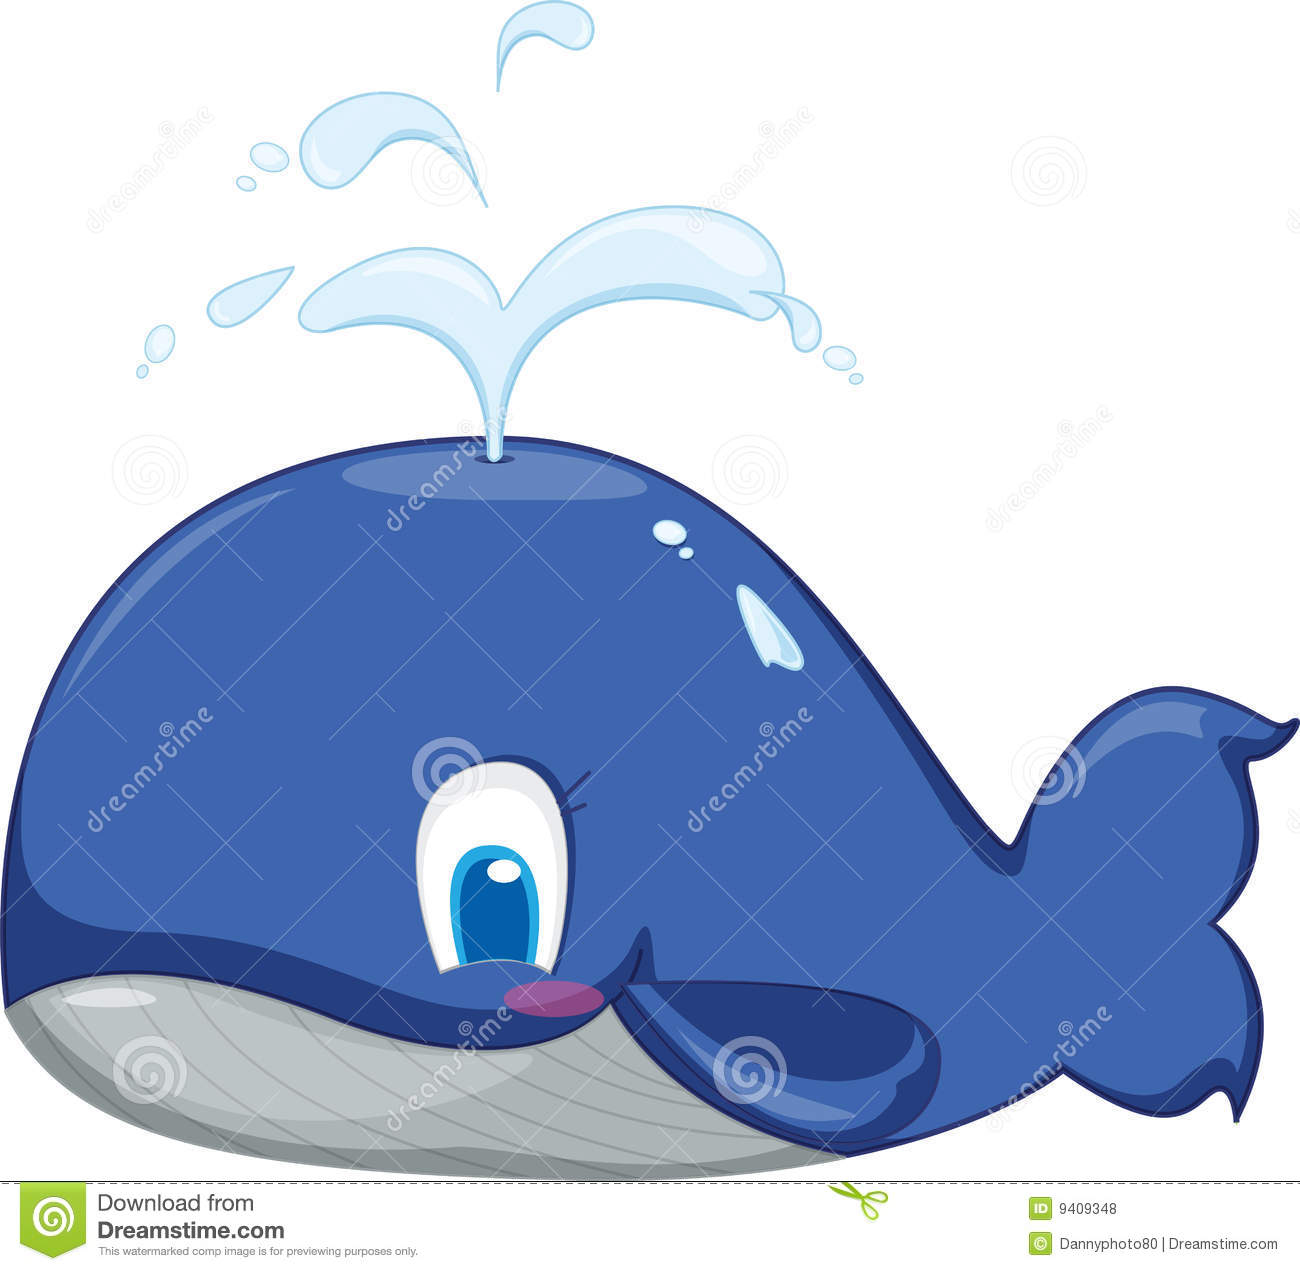 蓝鲸亦称剃刀鲸,是地球上最大与最重的动物,属于哺乳纲、鲸目、鲤鲸科。分布广泛,从北极到南极的海洋中都有。蓝鲸的身躯瘦长,背部是青灰色的,不过在水中看起来有时颜色会比较淡。 目前已知蓝鲸至少有三个亚种:生活在北大西洋和北太平洋的B. m. musculus;栖息在南冰洋的B.